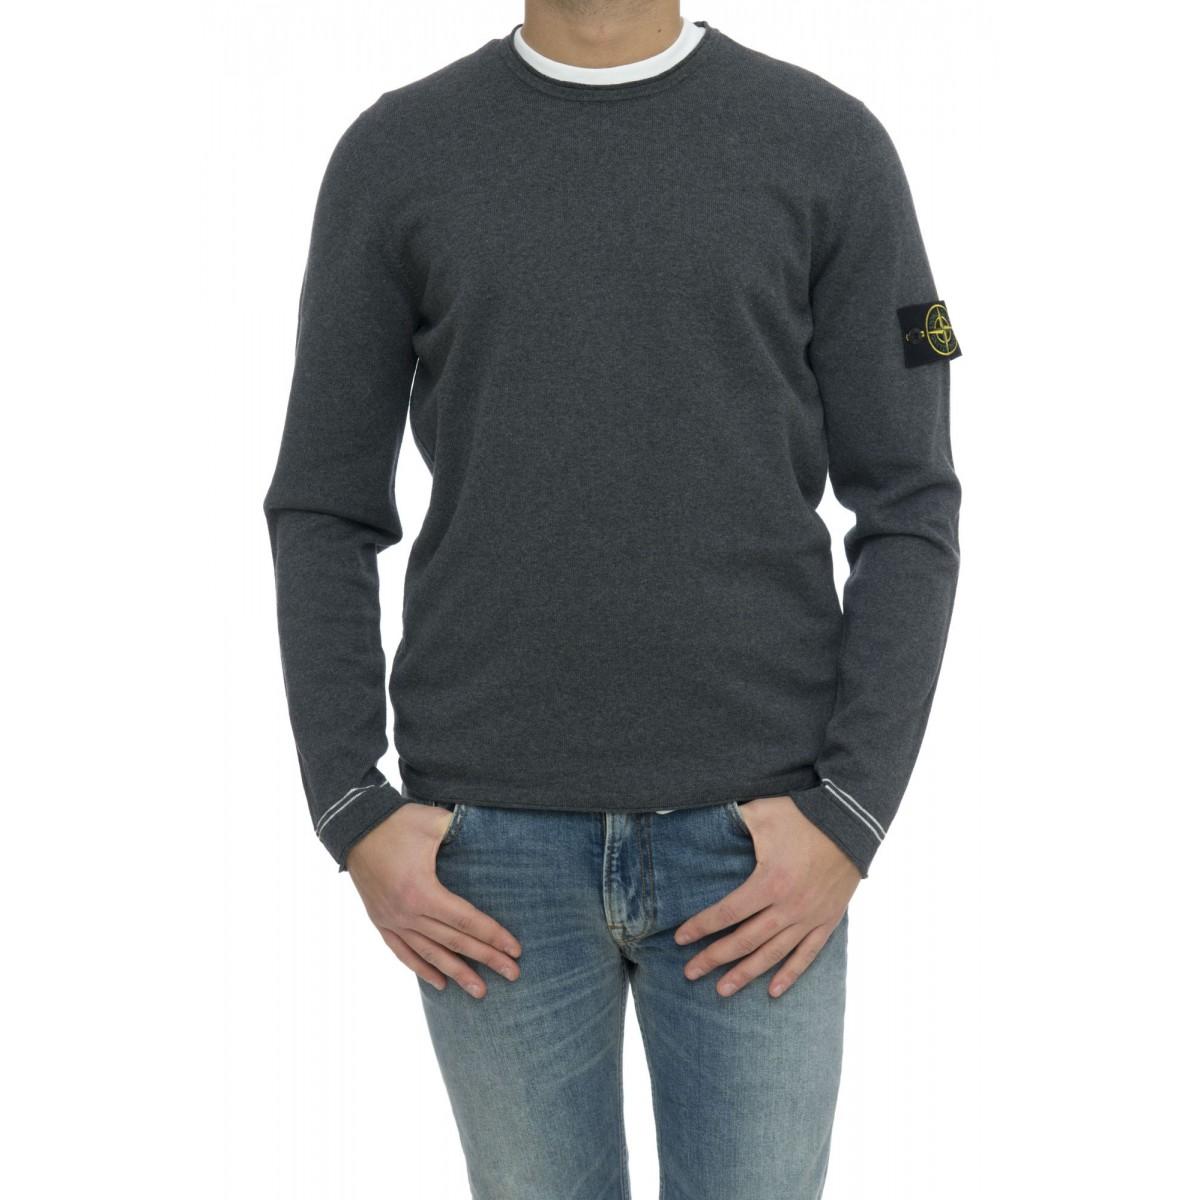 Maglia - 569b9 maglia cotone rustico leggero